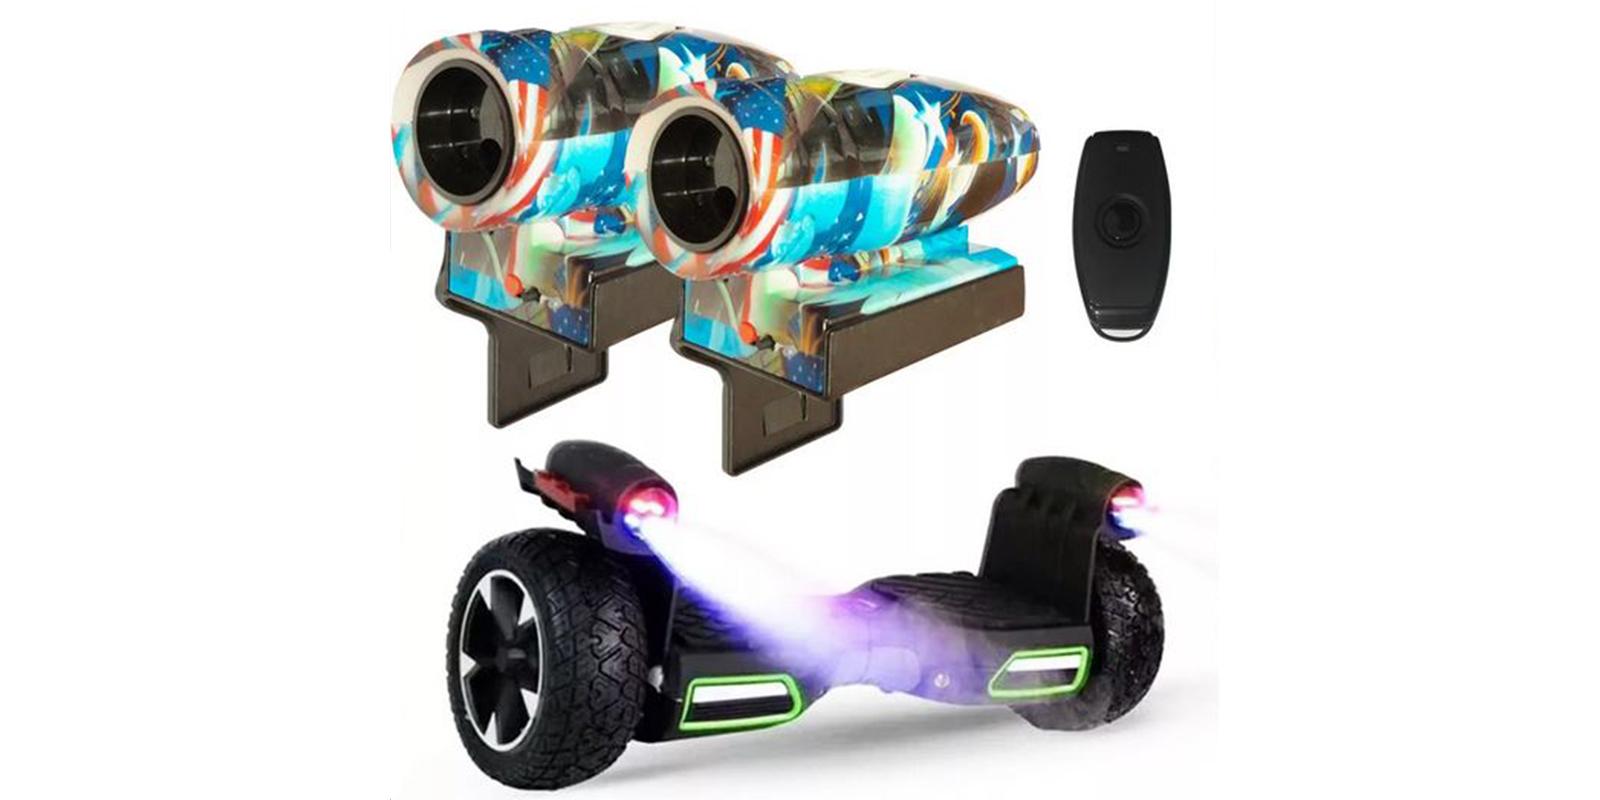 Coppia marmitta finta spruzzatore fumo suono hoverboard skateboard pattino